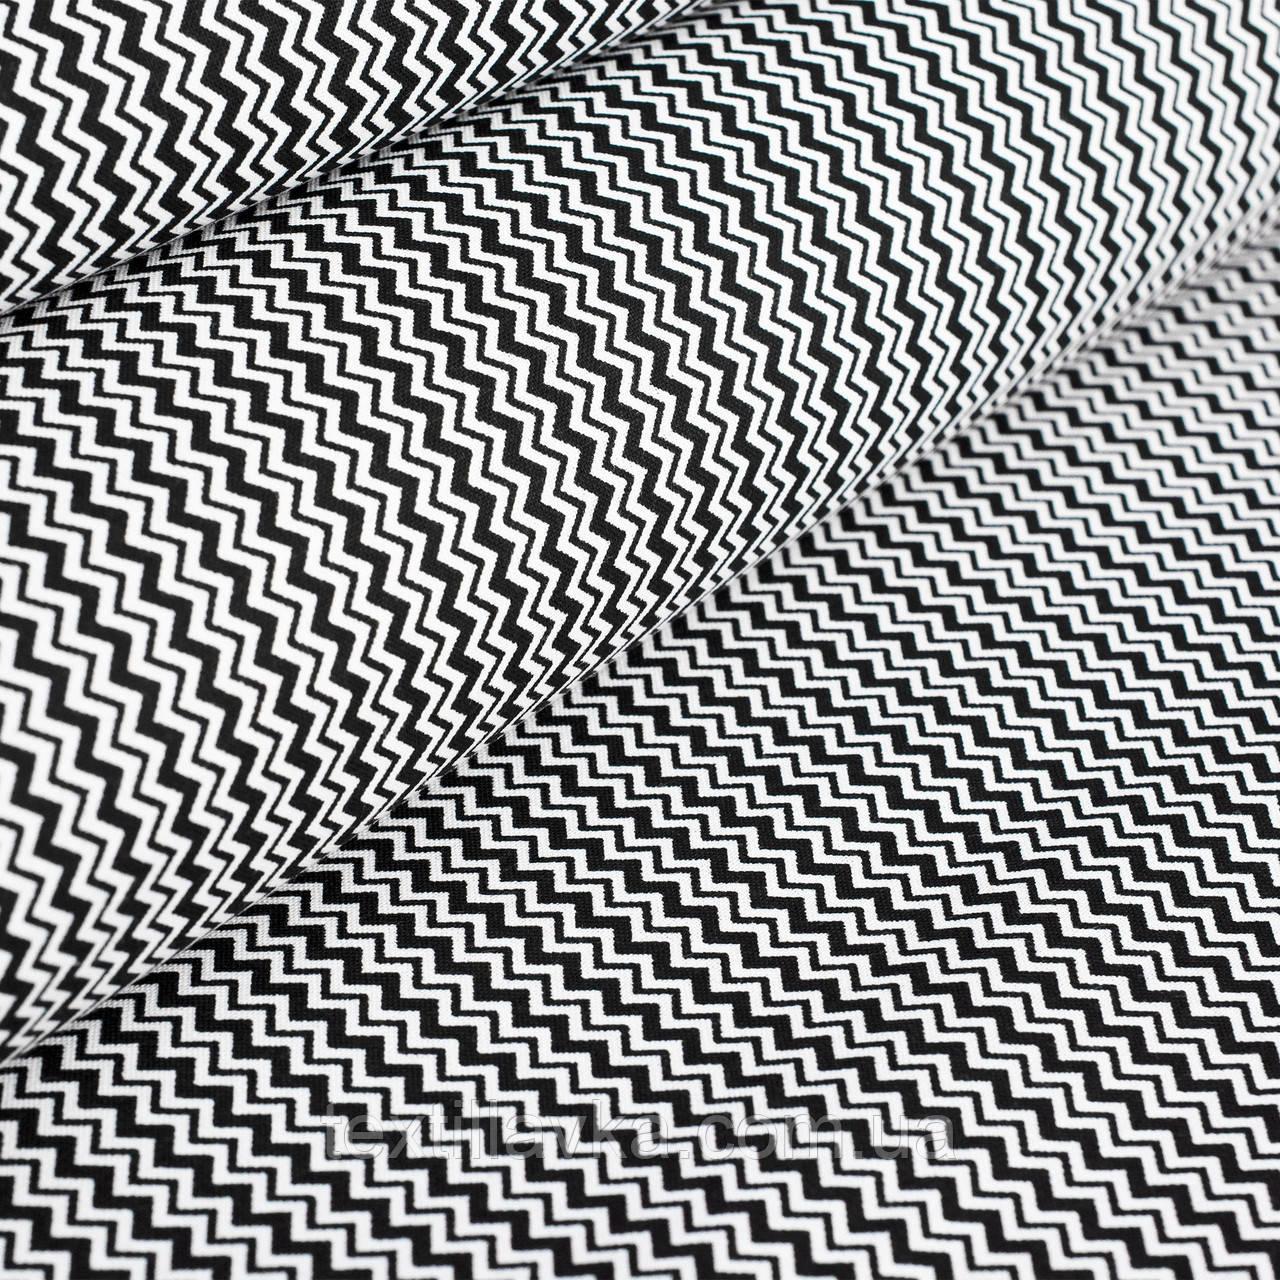 Ткань хлопок мелкий черно-белый зигзаг